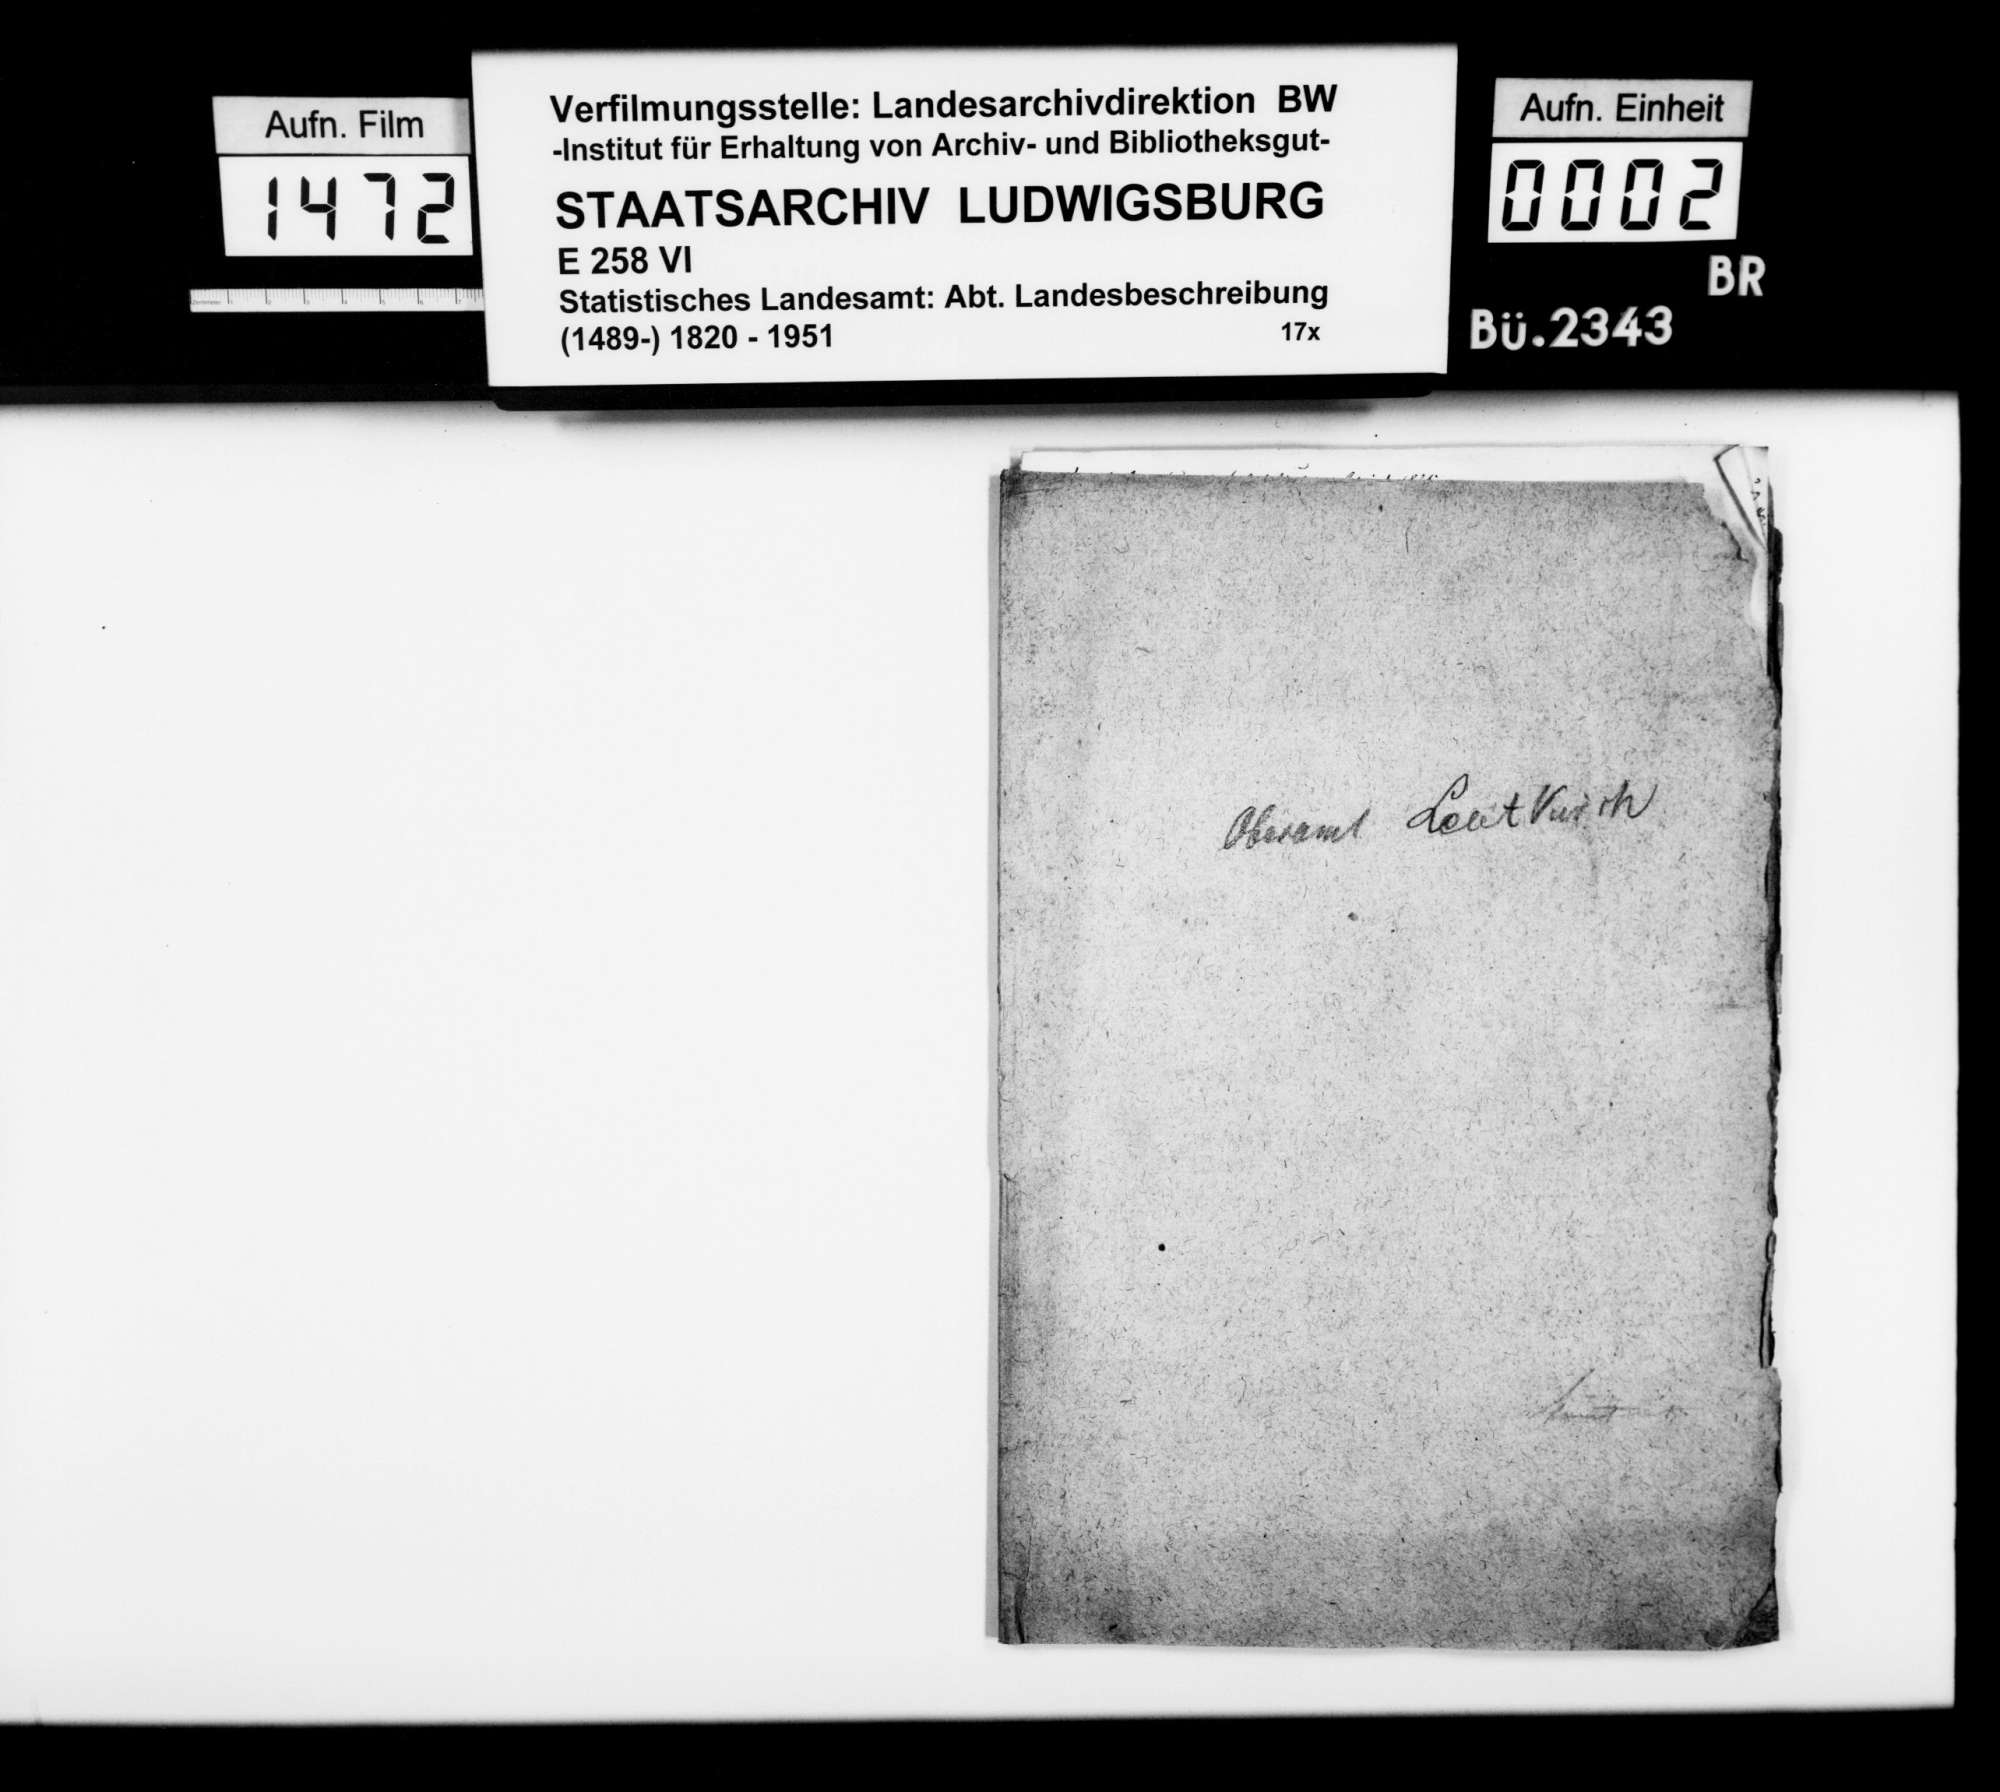 Mitteilungen des Trigonometers Diezel zur Beschreibung des Oberamts, notiert 1825 bei der trigonometrischen Aufnahme, Bild 1